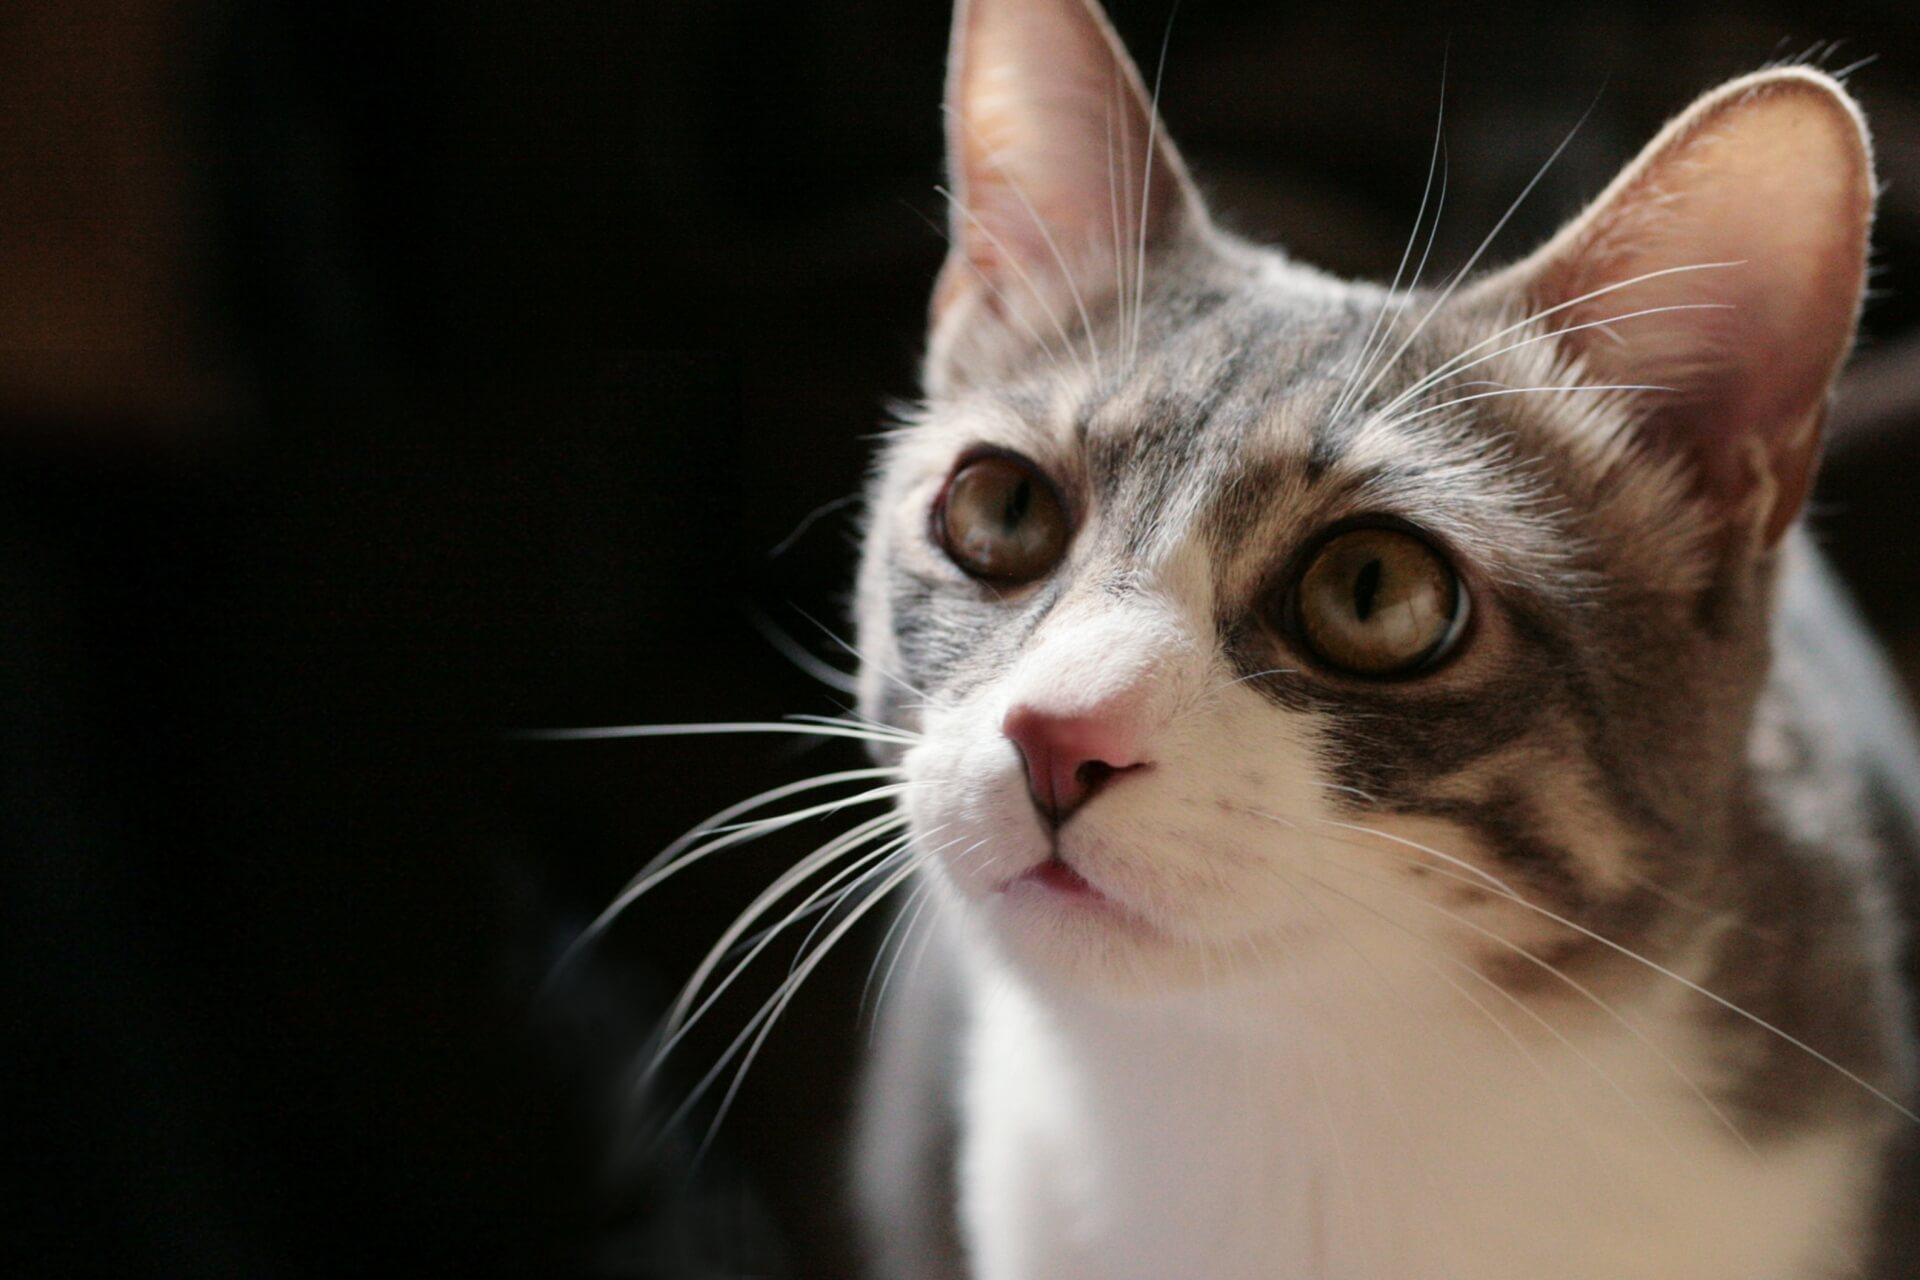 衝撃!殺処分される猫の2割は飼い主の飼育放棄という事実【避妊・去勢手術は殺処分を防ぐ】